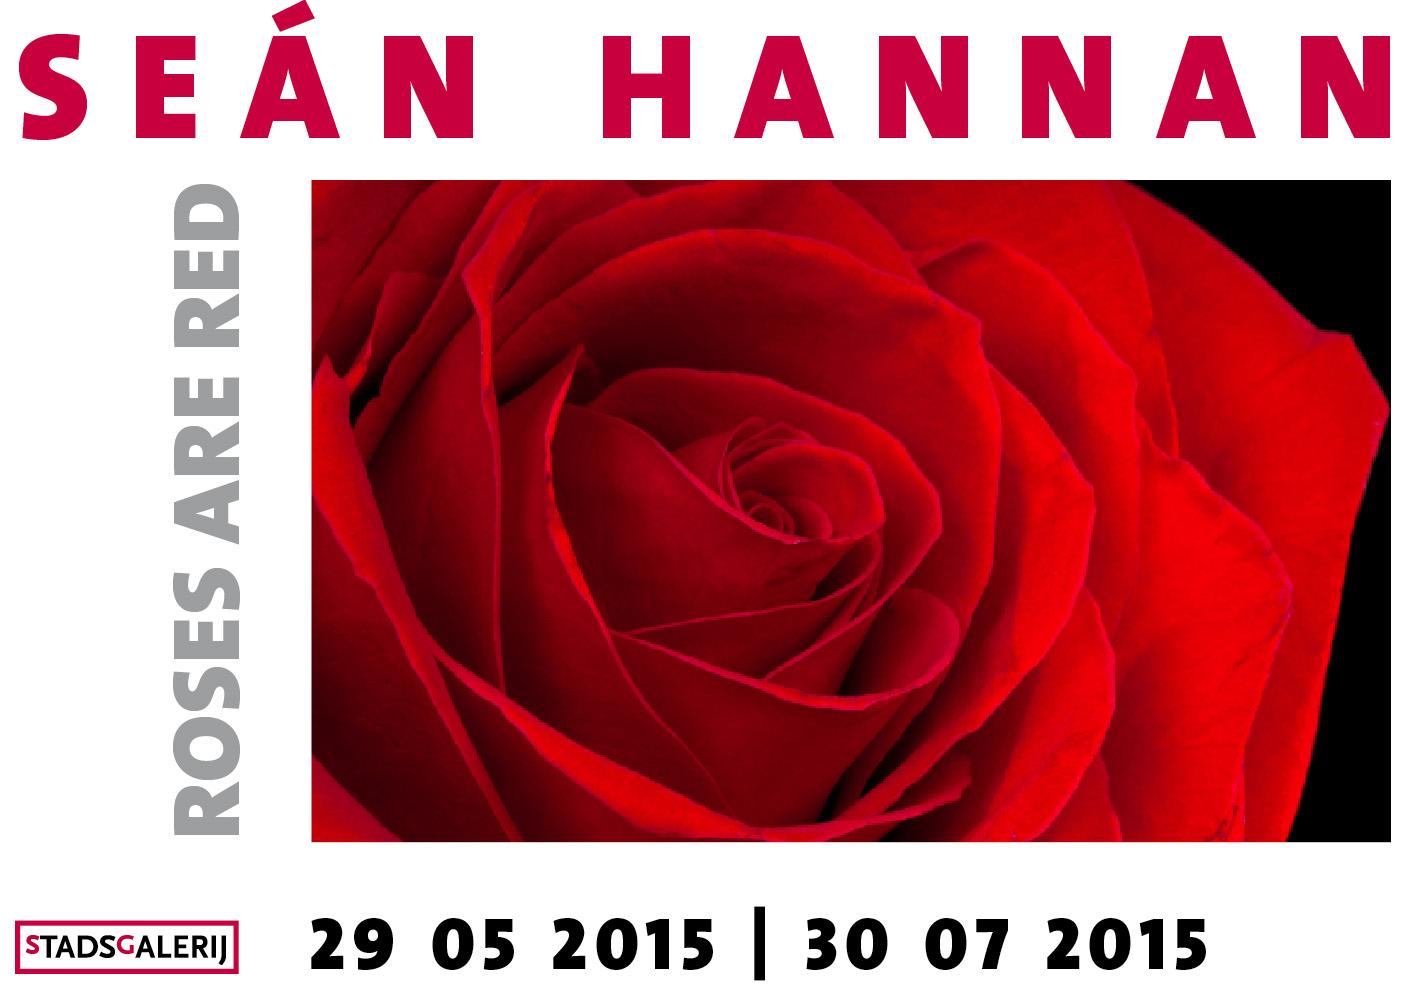 Seán Hannan